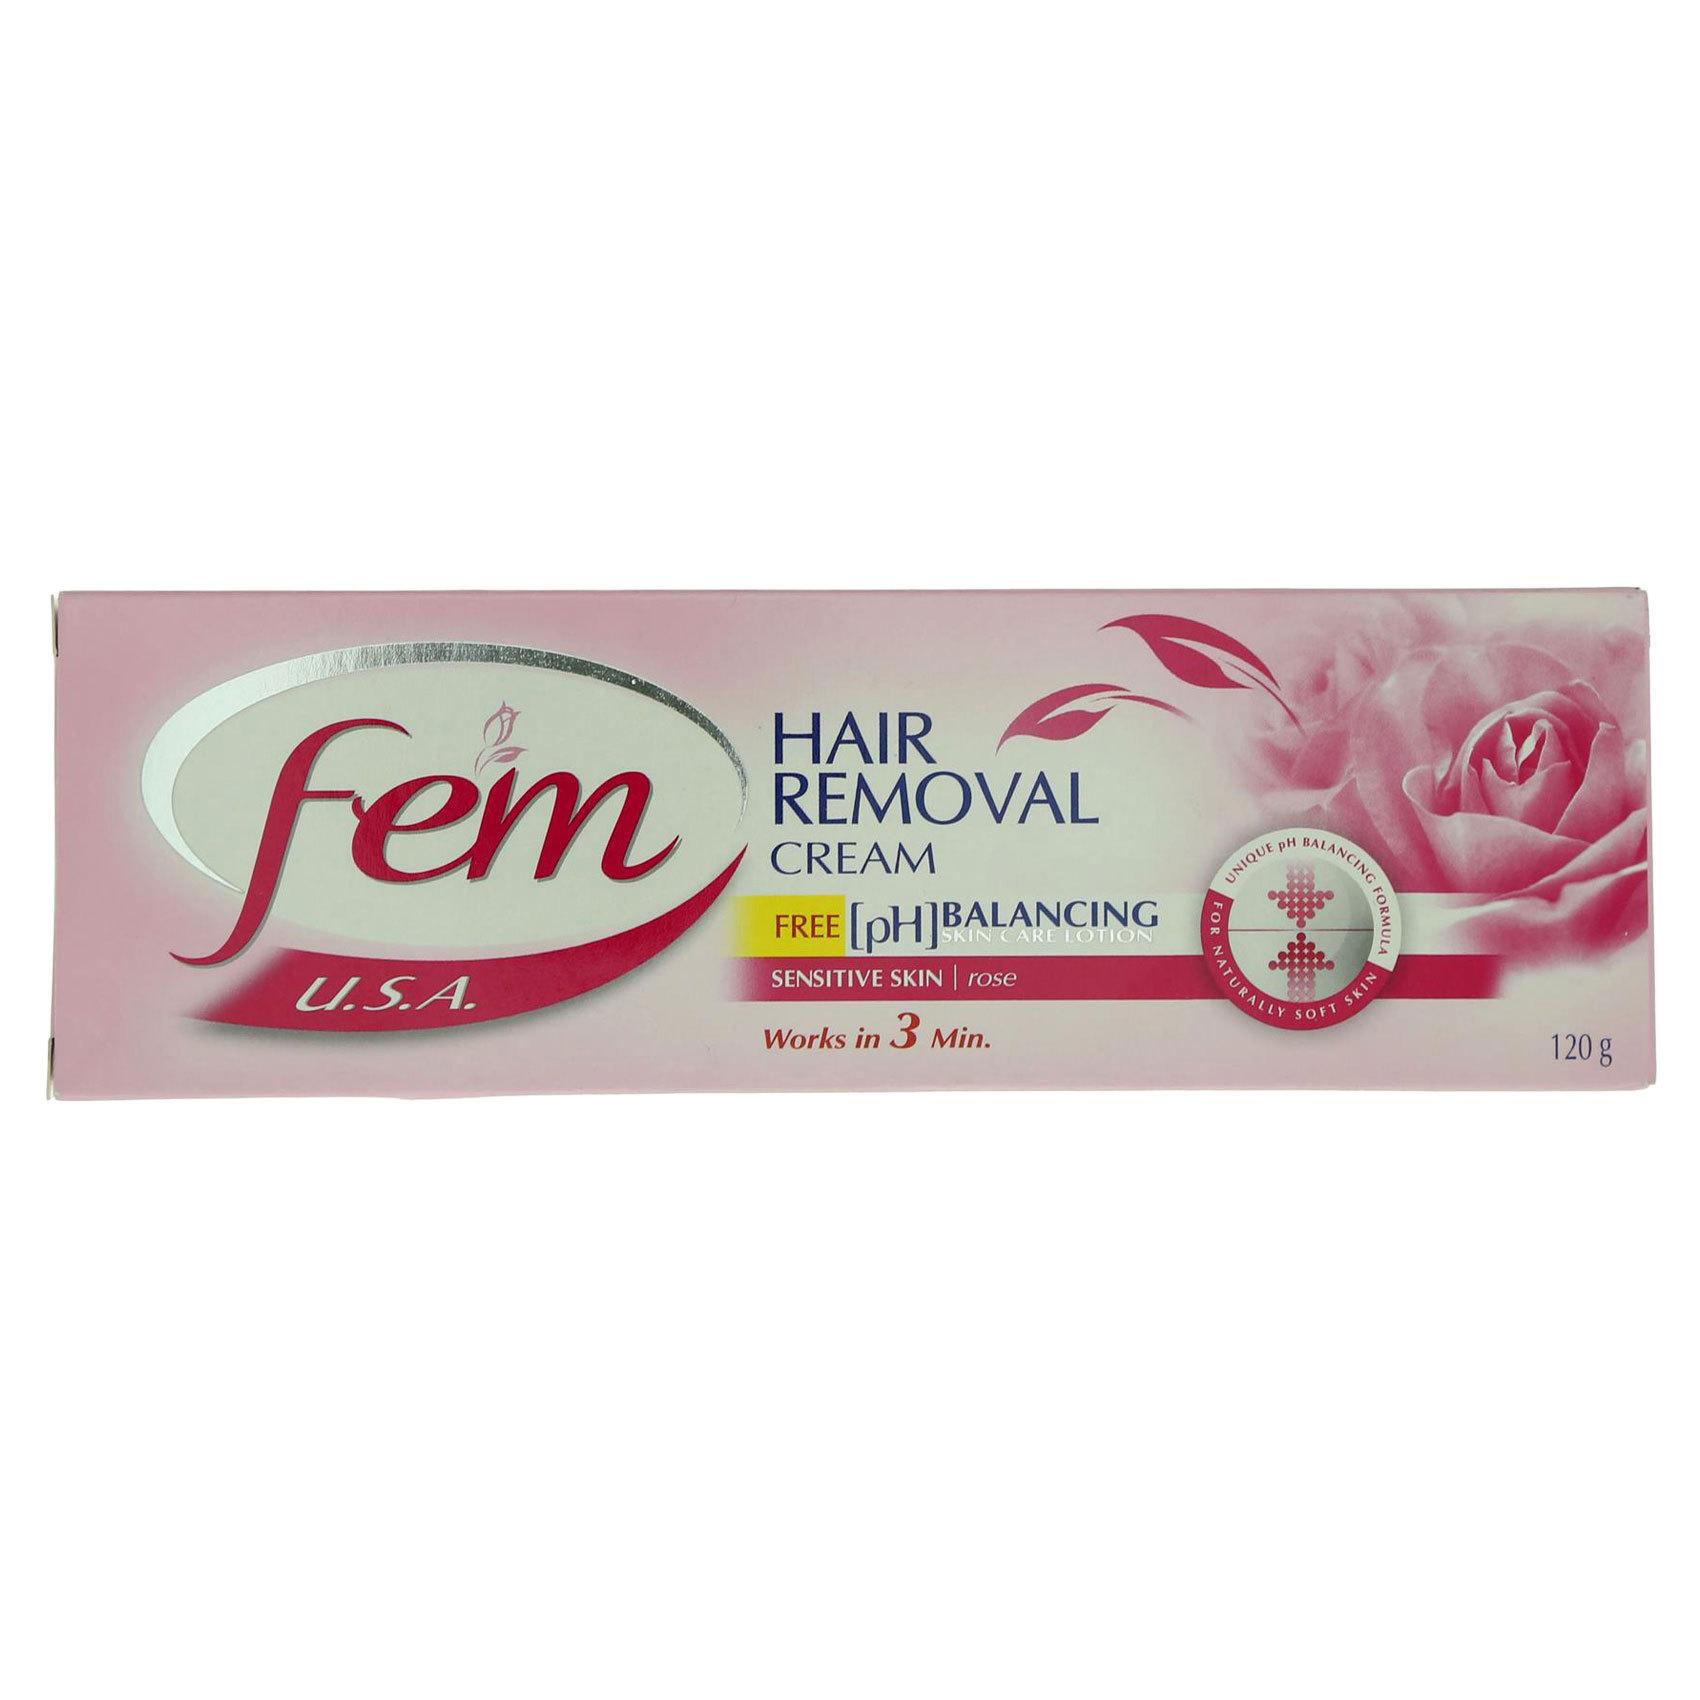 FEM HAIR REMOVING CREAM TUBE ROSE 1